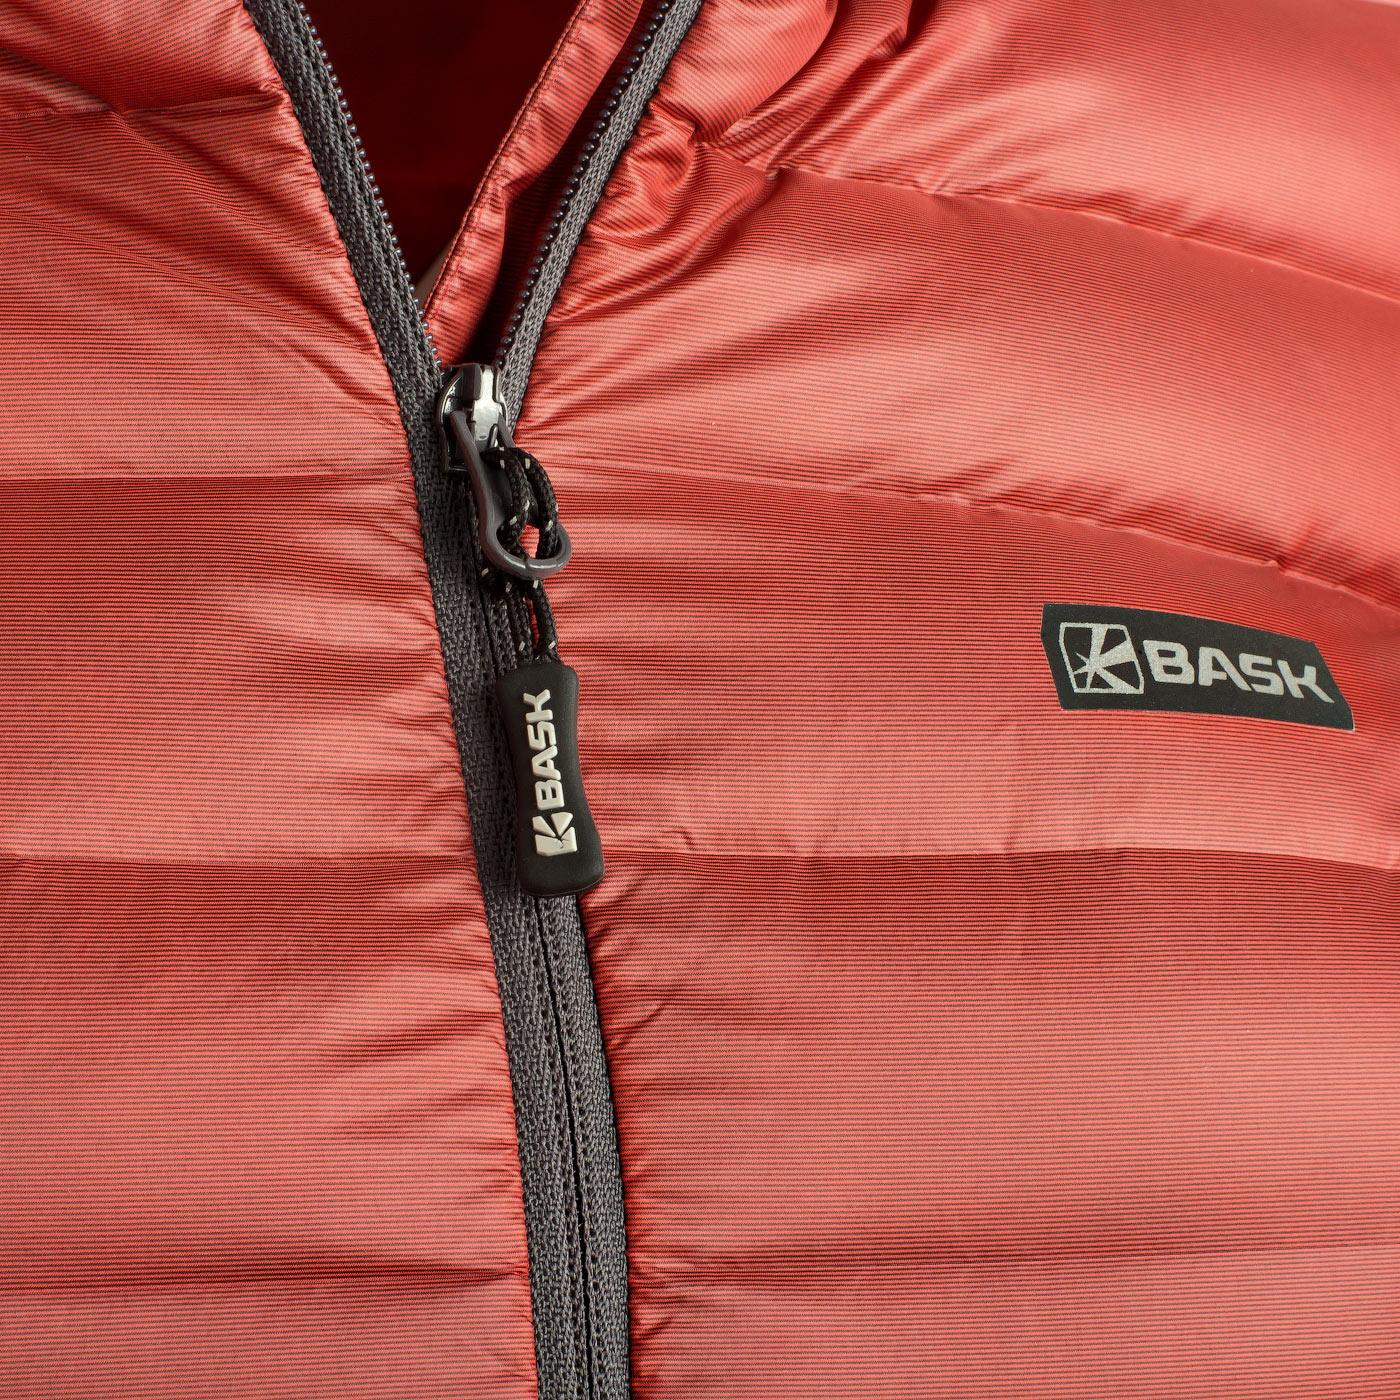 Пуховая куртка BASK CHAMONIX LIGHT LJ 3680Куртки<br><br><br>Верхняя ткань: Advance® Superior<br>Вес граммы: 350<br>Вес утеплителя: 120<br>Ветро-влагозащитные свойства верхней ткани: Да<br>Ветрозащитная планка: Да<br>Ветрозащитная юбка: Нет<br>Влагозащитные молнии: Нет<br>Внутренние манжеты: Нет<br>Внутренняя ткань: Advance® Superior<br>Дублирующий центральную молнию клапан: Нет<br>Защитный козырёк капюшона: Нет<br>Капюшон: Несъемный<br>Карман для средств связи: Нет<br>Количество внешних карманов: 2<br>Количество внутренних карманов: 1<br>Мембрана: Нет<br>Объемный крой локтевой зоны: Нет<br>Отстёгивающиеся рукава: Нет<br>Показатель Fill Power (для пуховых изделий): 800<br>Пол: Женский<br>Проклейка швов: Нет<br>Регулировка манжетов рукавов: Нет<br>Регулировка низа: Да<br>Регулировка объёма капюшона: Да<br>Регулировка талии: Нет<br>Регулируемые вентиляционные отверстия: Нет<br>Световозвращающая лента: Нет<br>Температурный режим: -10<br>Технология Thermal Welding: Нет<br>Технология швов: Простые<br>Тип молнии: Однозамковая<br>Тип утеплителя: Натуральный<br>Ткань усиления: нет<br>Усиление контактных зон: Нет<br>Утеплитель: Гусиный пух<br>Размер RU: 50<br>Цвет: СЕРЫЙ